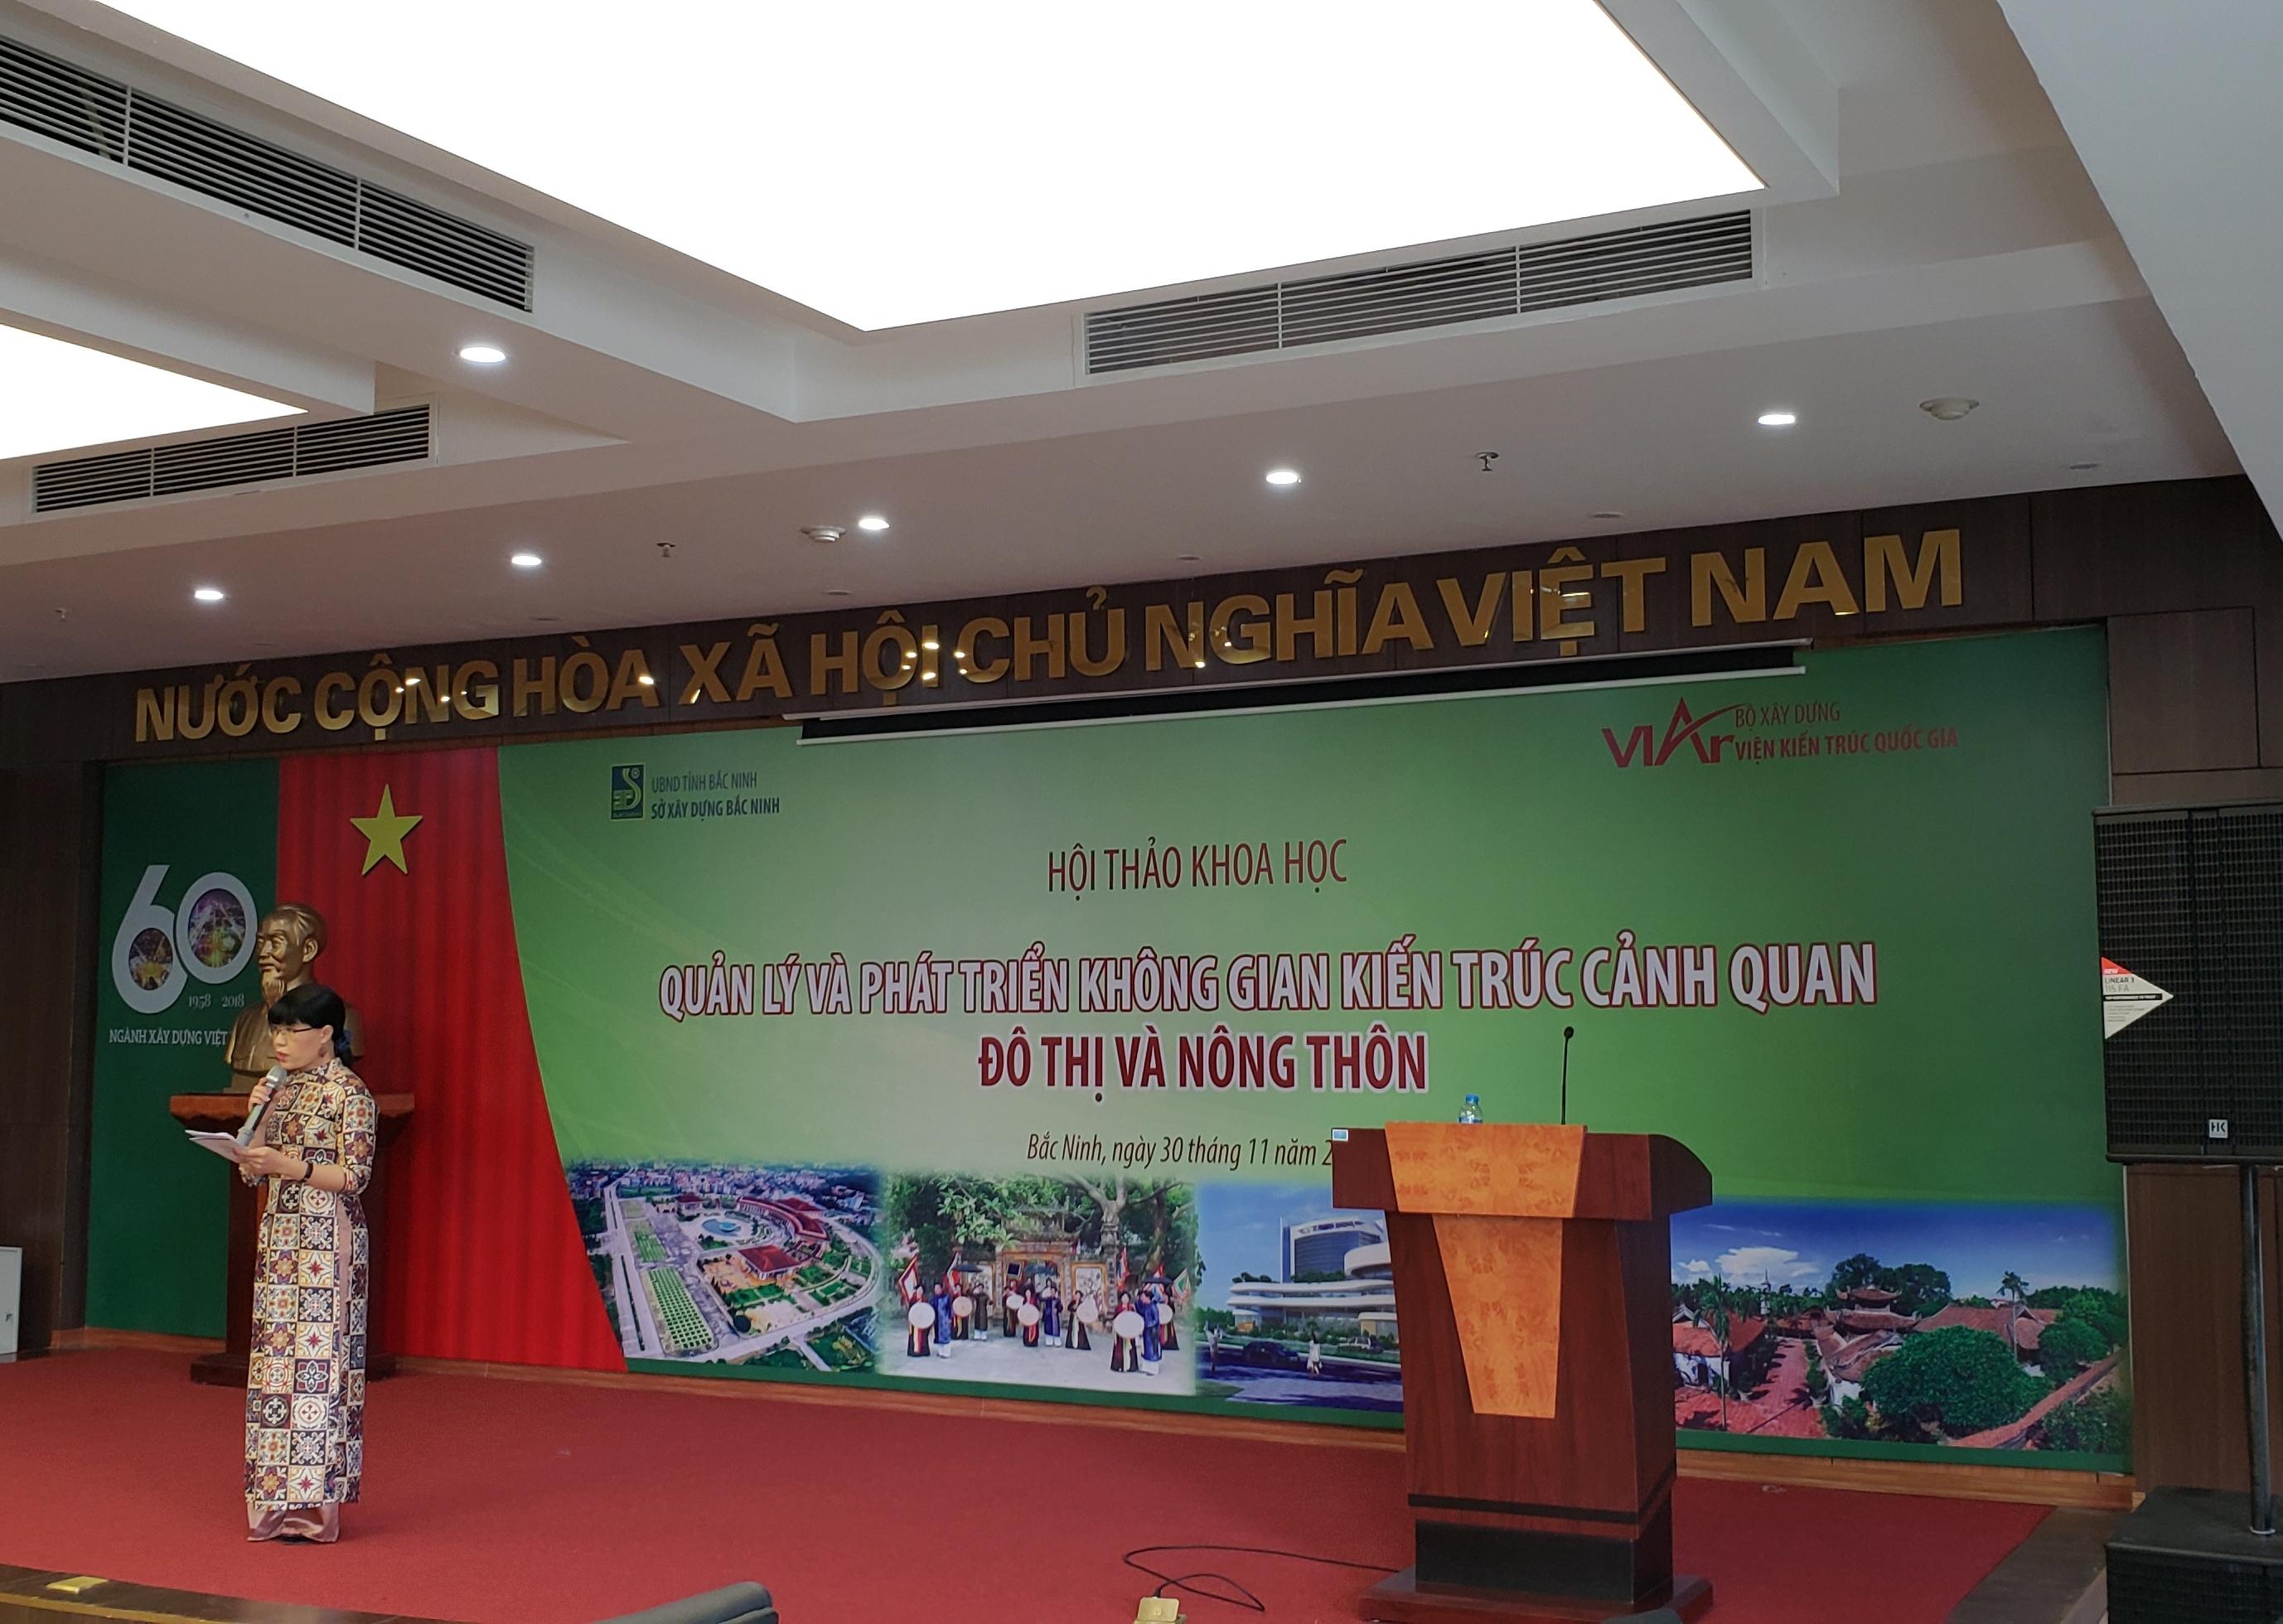 """Viện KTQG tổ chức Hội thảo """"Quản lý và phát triển kiến trúc cảnh quan ở nông thôn"""""""